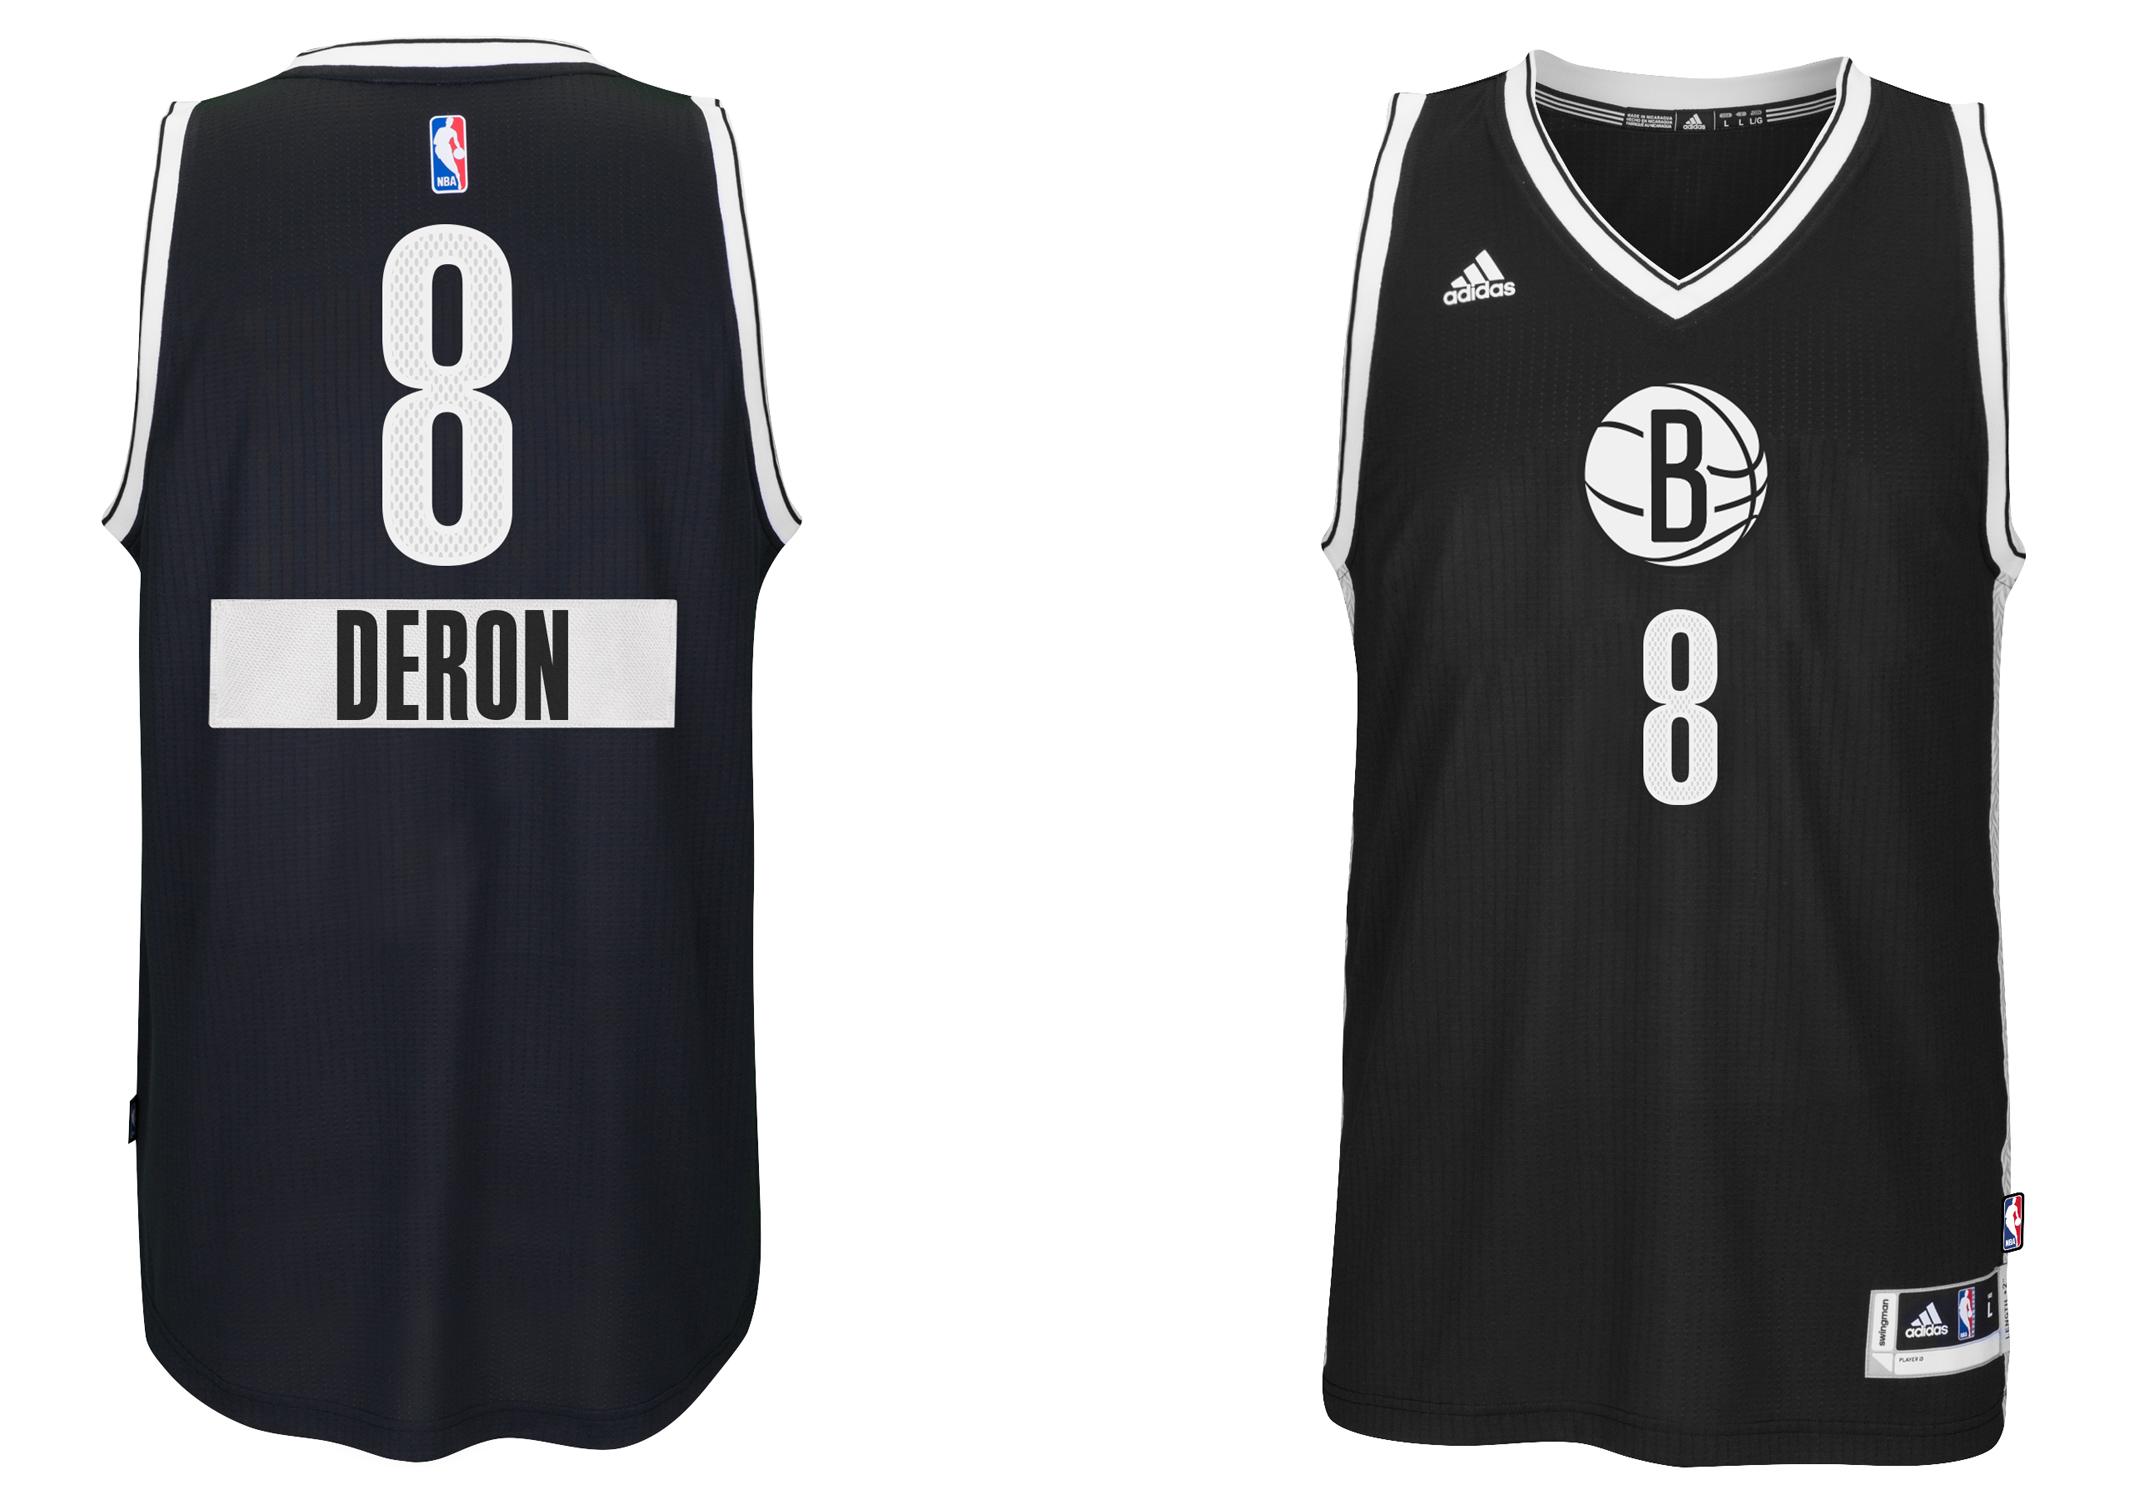 maillot NBA noël 2014 brooklyn nets deron chrismas jersey